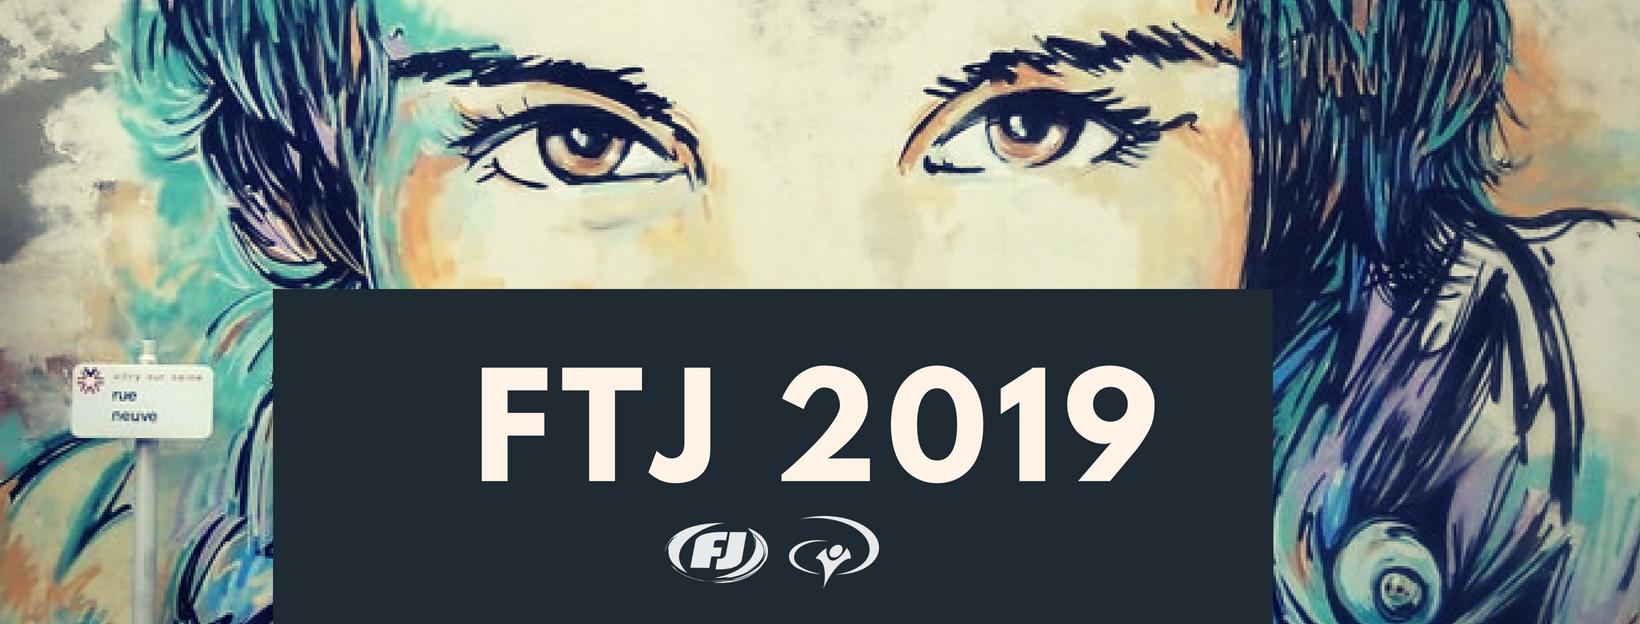 Bannière FTJ 2019